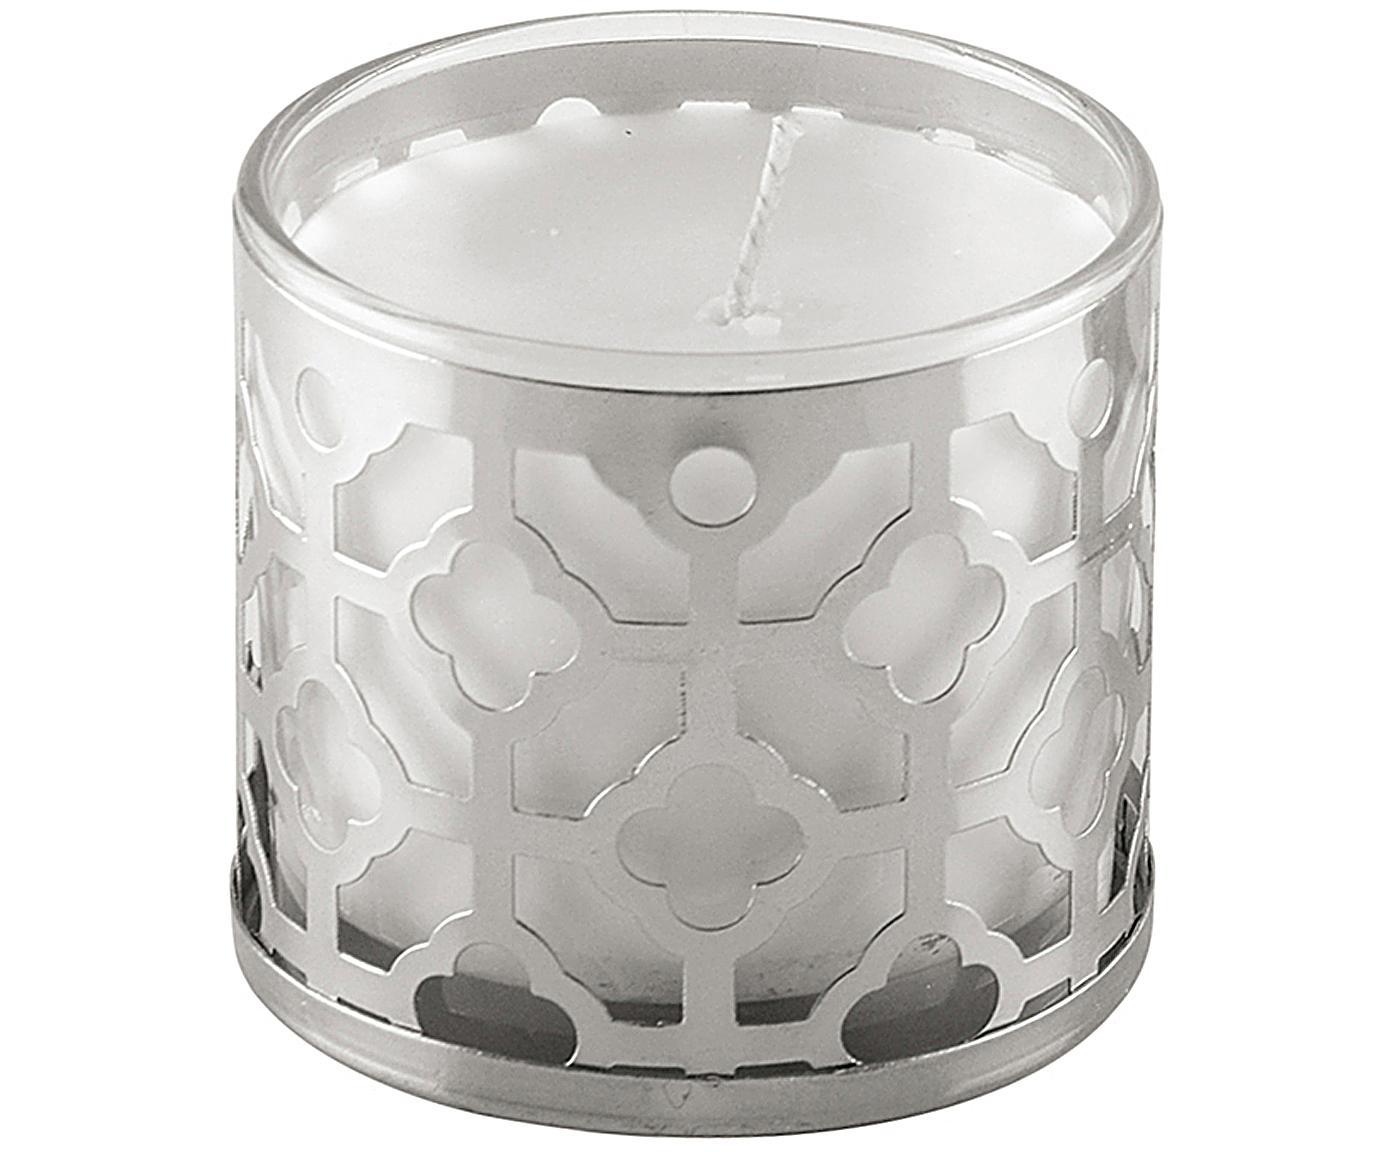 Duftkerze Helion (Vanille), Behälter: Glas, Metall, Silberfarben, Weiss, Ø 8 x H 8 cm